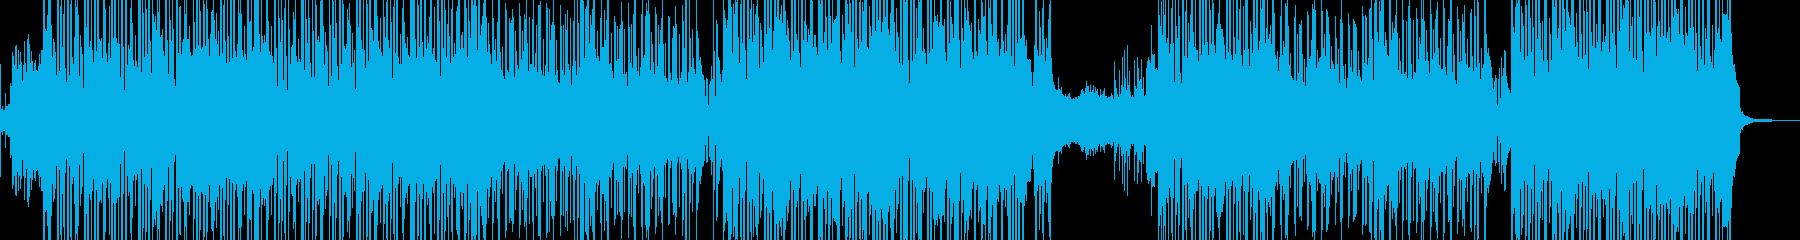 琴・レトロな演歌調R&Bポップ ★の再生済みの波形